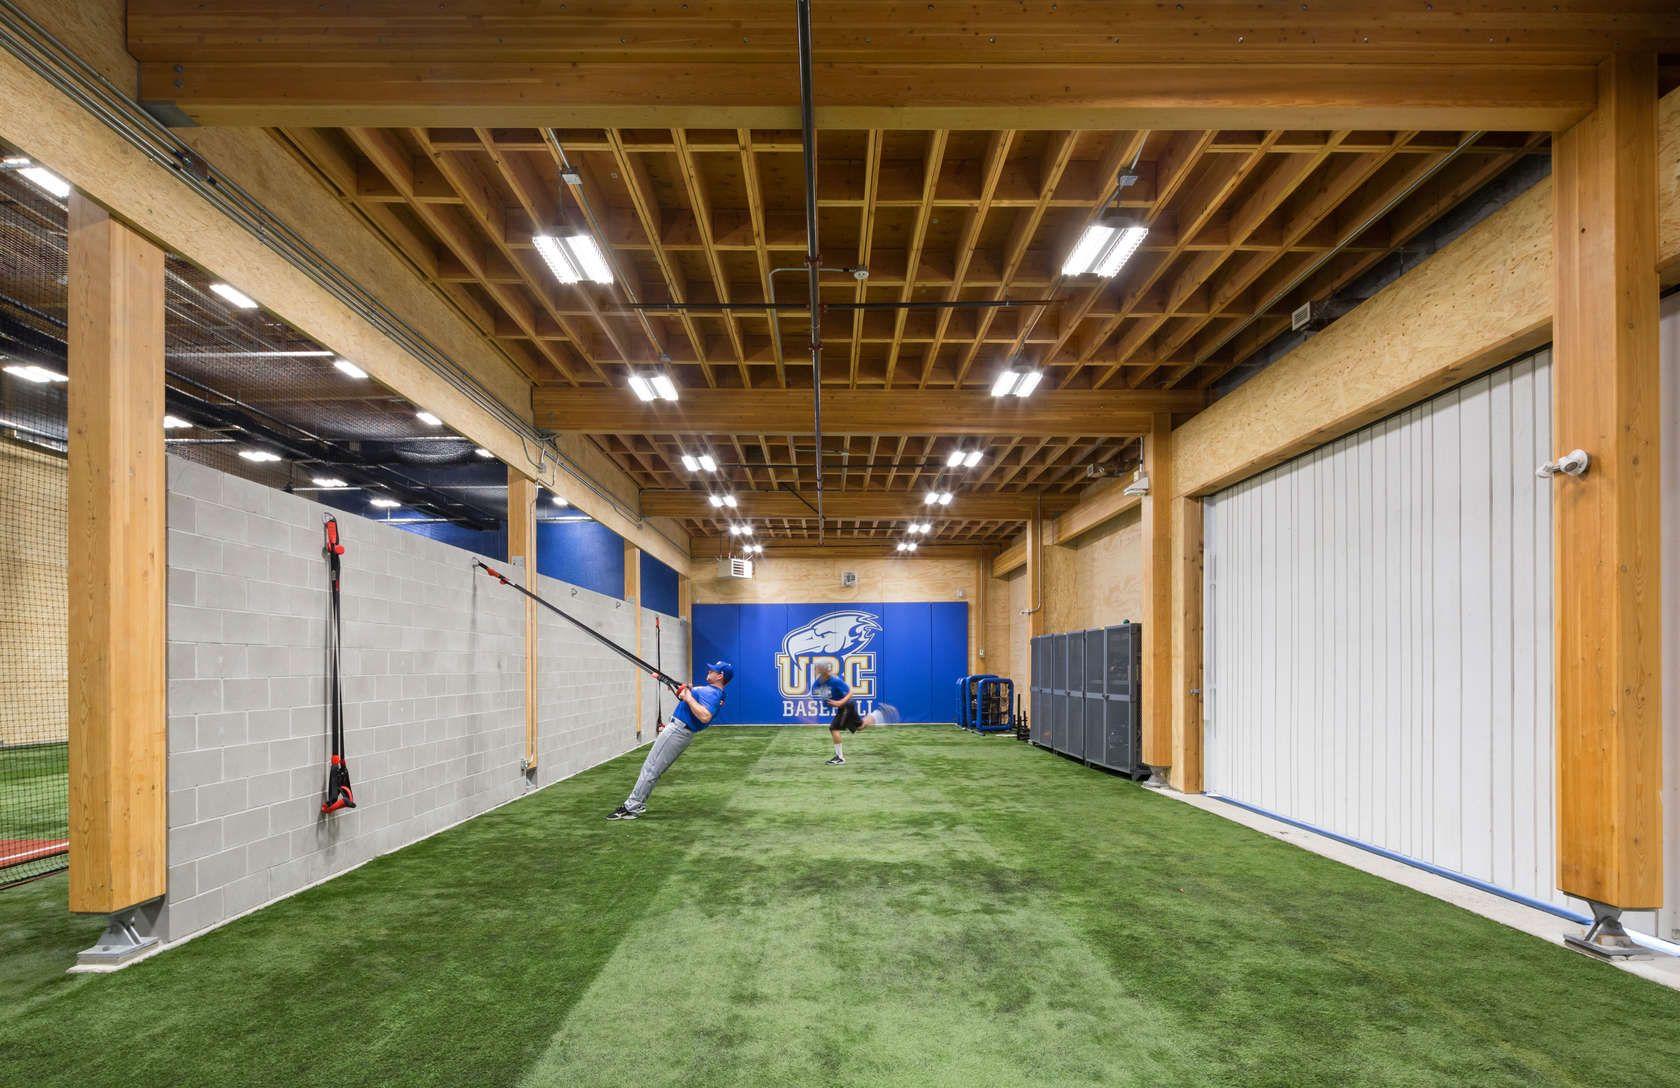 Ubc Baseball Indoor Training Centre Indoor Batting Cage Gym Setup Sports Training Facility